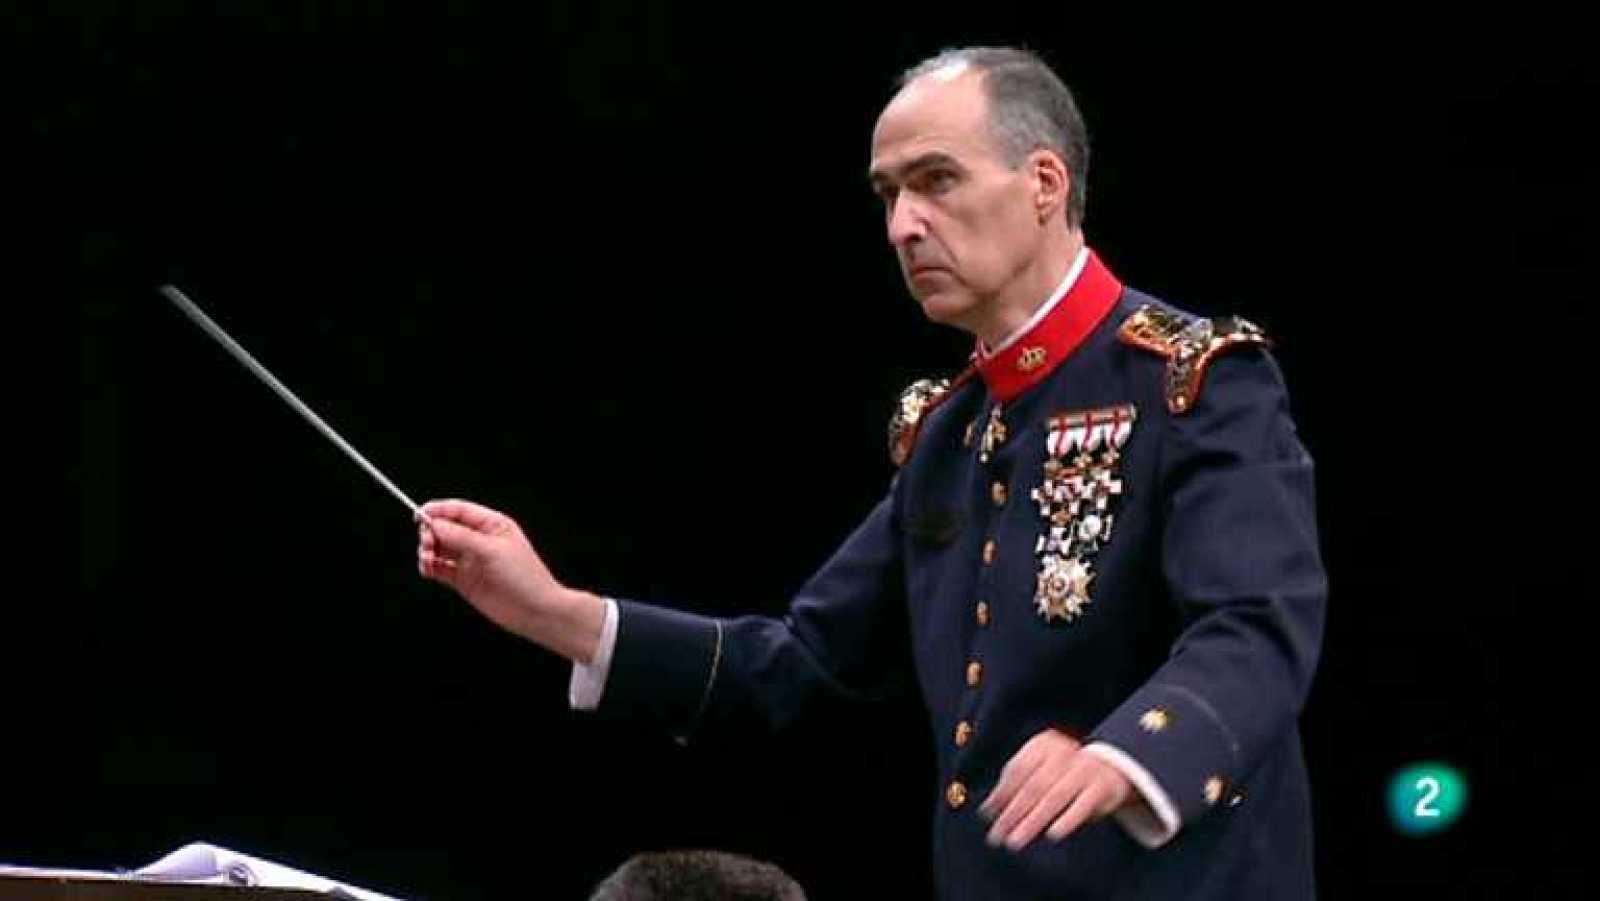 Los conciertos de La 2 - Banda Sinfónica de la Guardia Real (Parte 1) - ver ahora